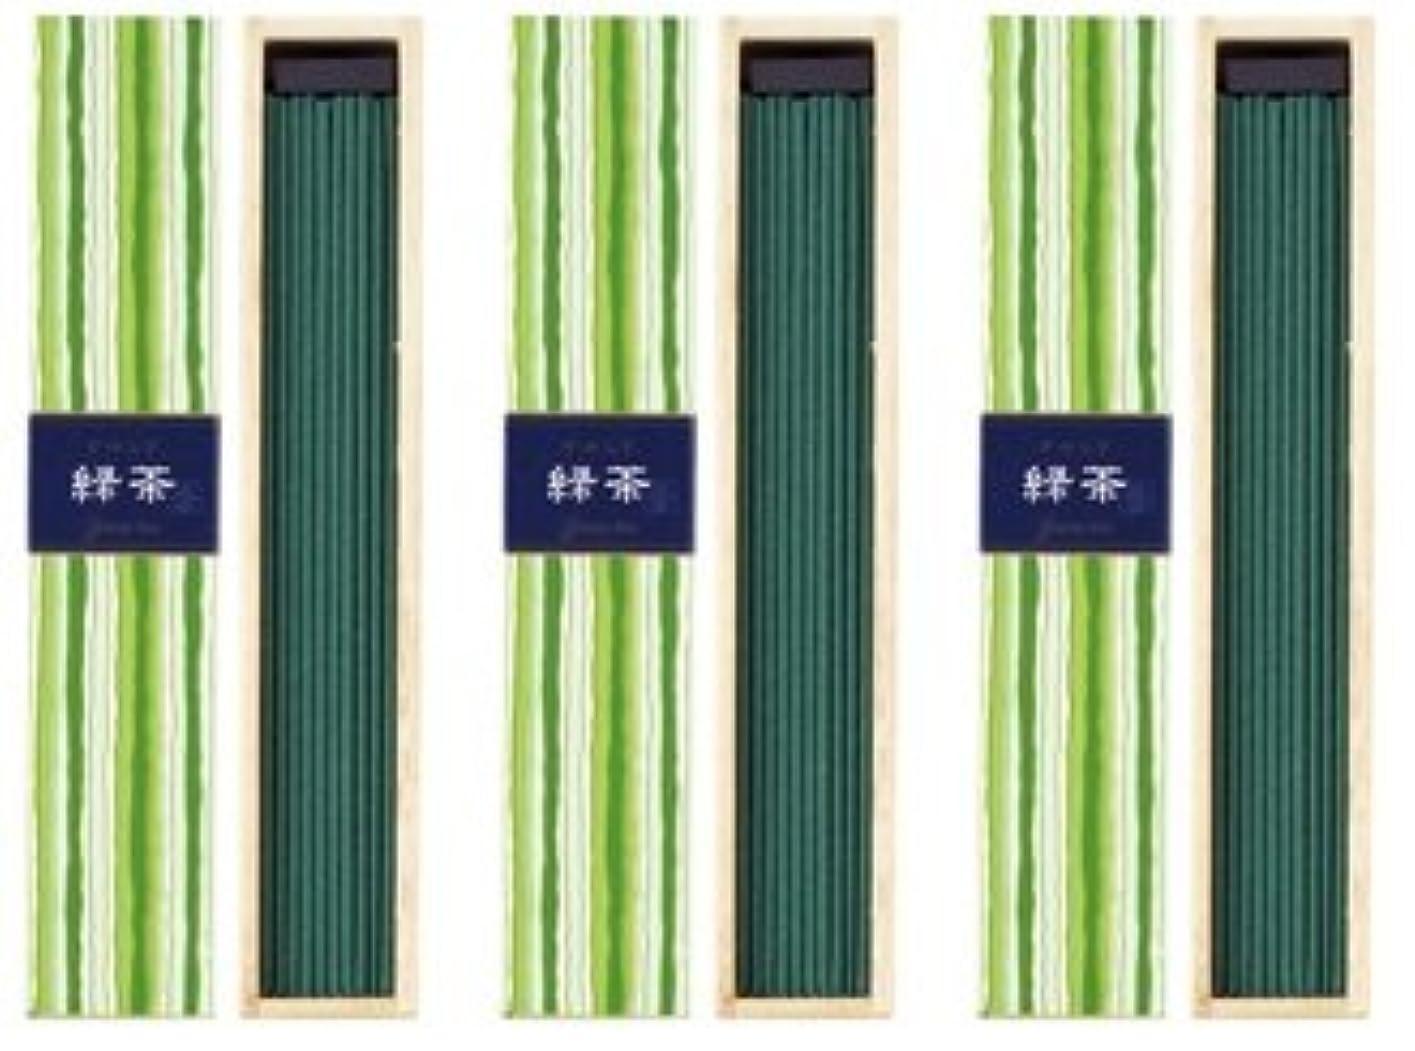 軽光司法日本香堂 かゆらぎ 緑茶 スティック40本入 (3箱セット)